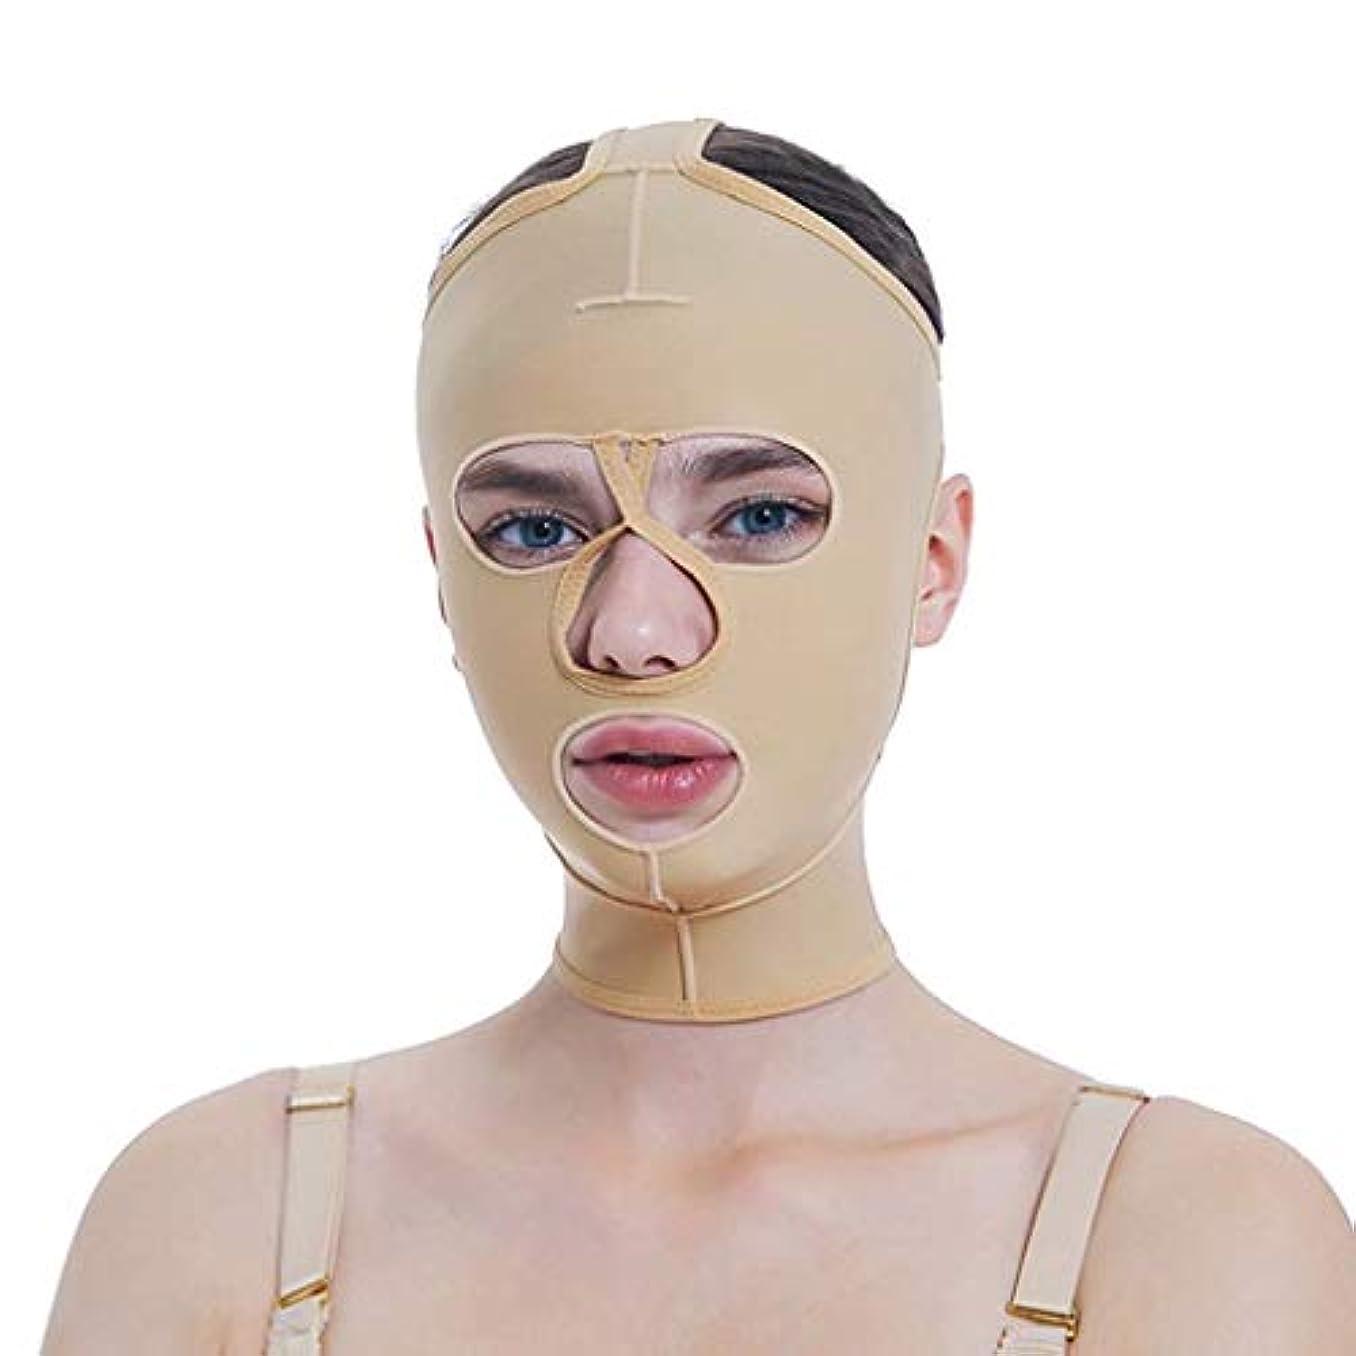 人物ブレースウミウシ脂肪吸引術用成形マスク、薄手かつらVフェイスビームフェイス弾性スリーブマルチサイズオプション(サイズ:S)